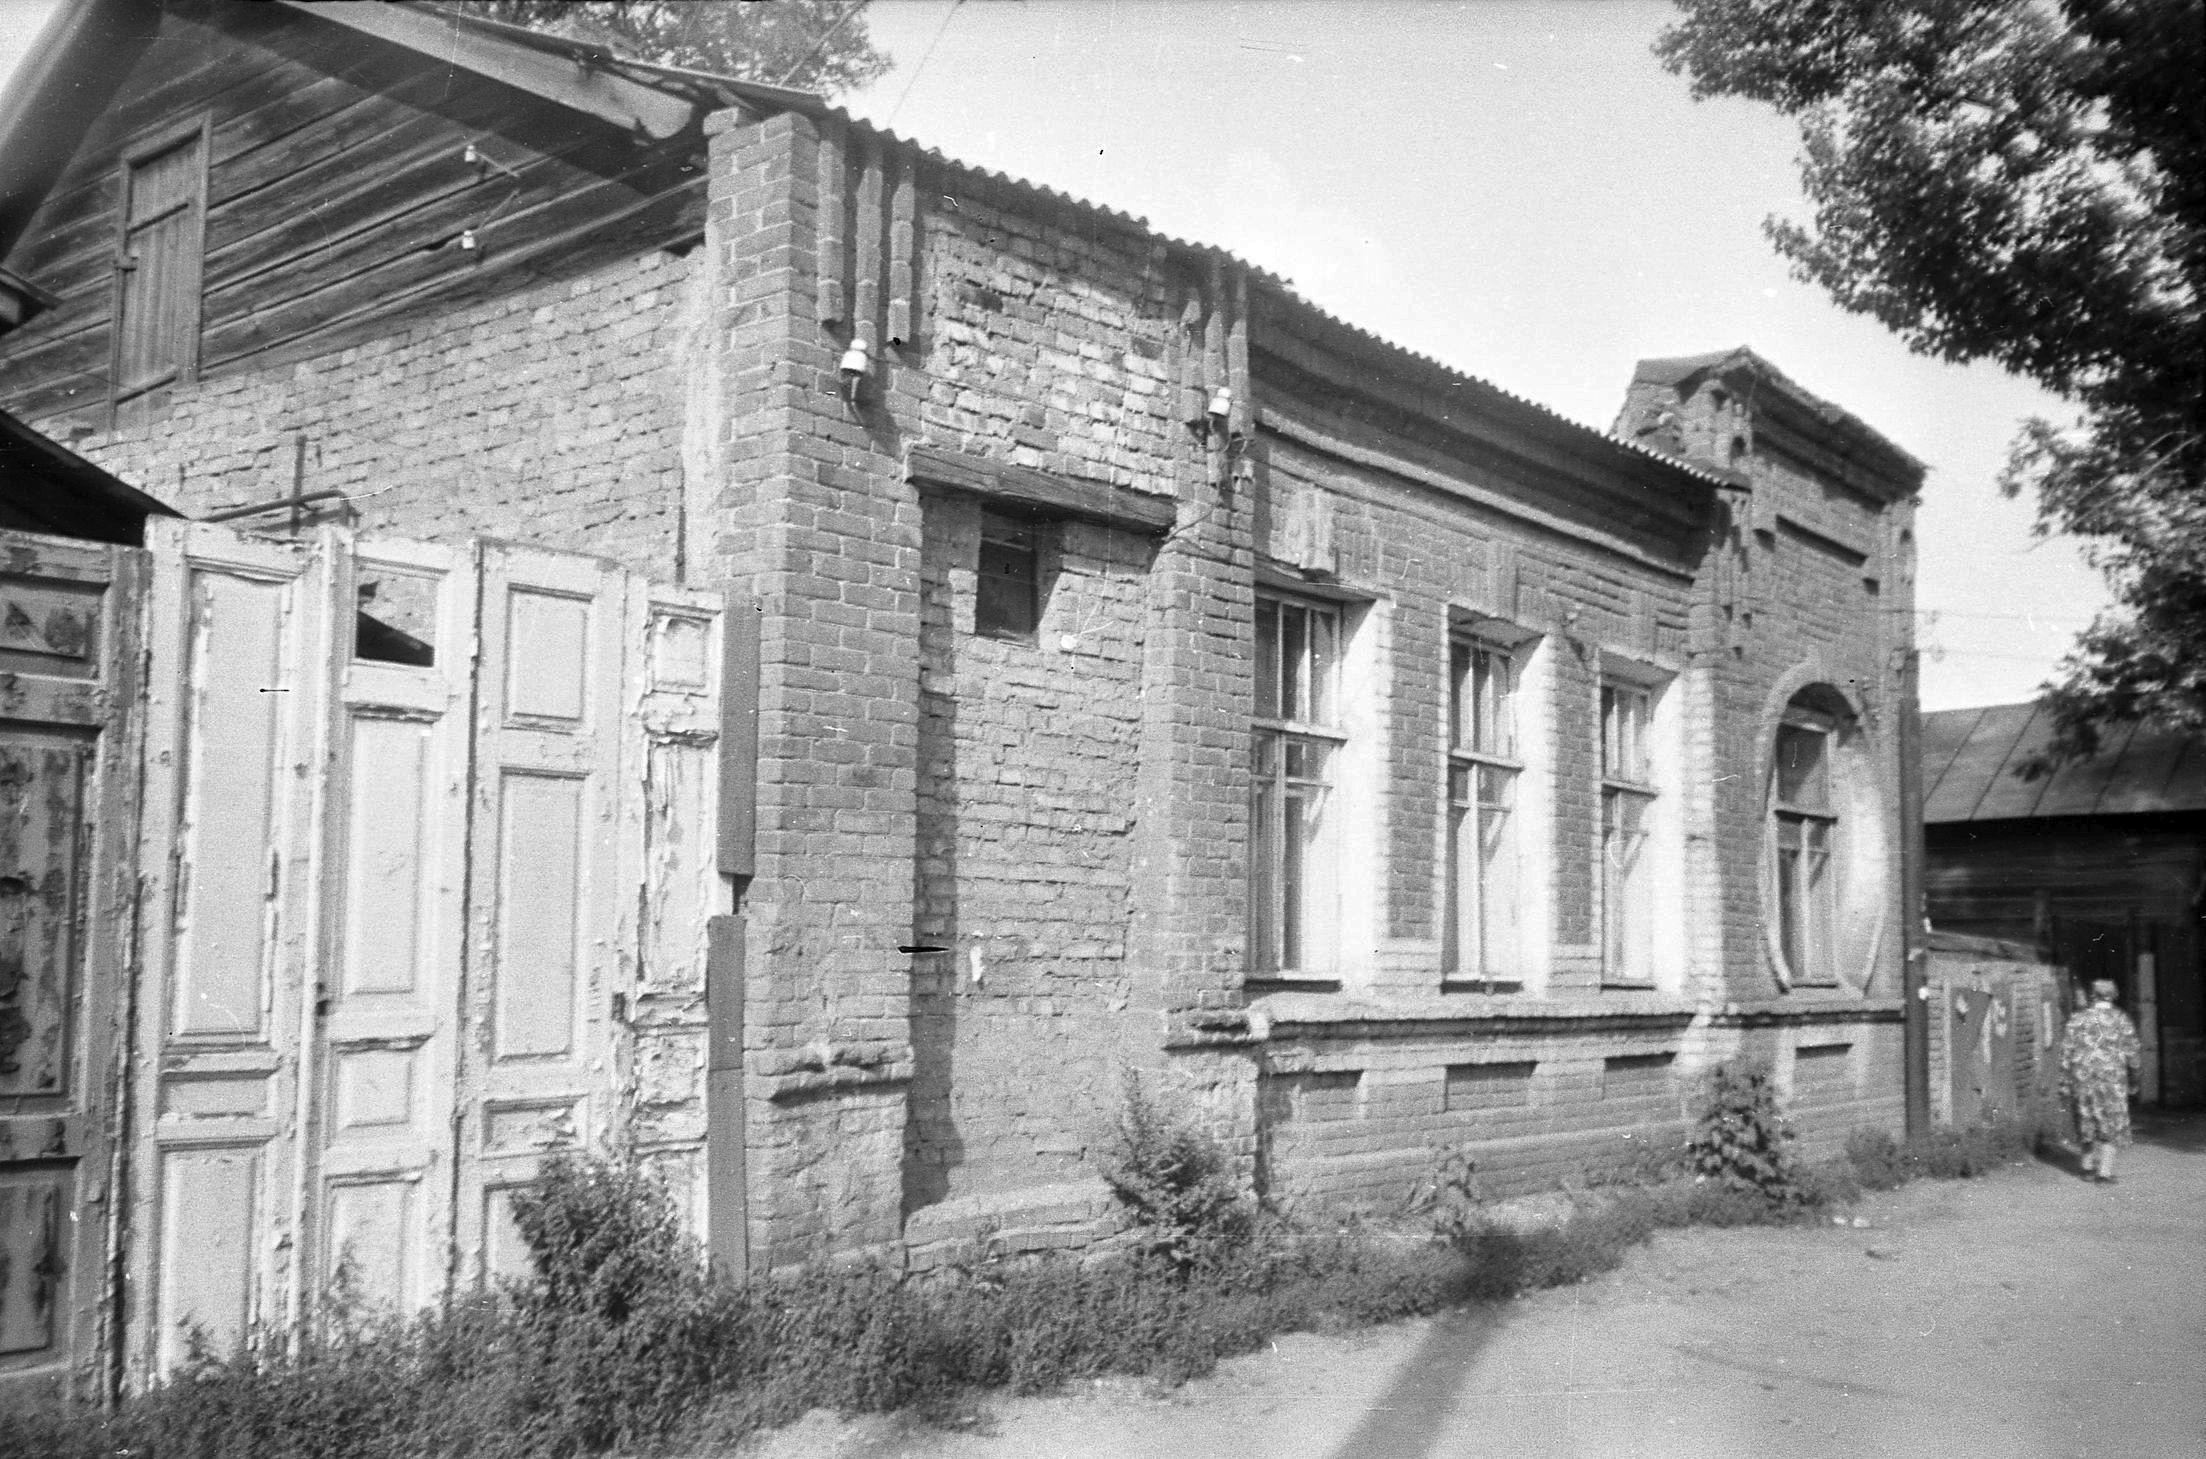 архив старых фотографий ул вавилова быстро без усилий